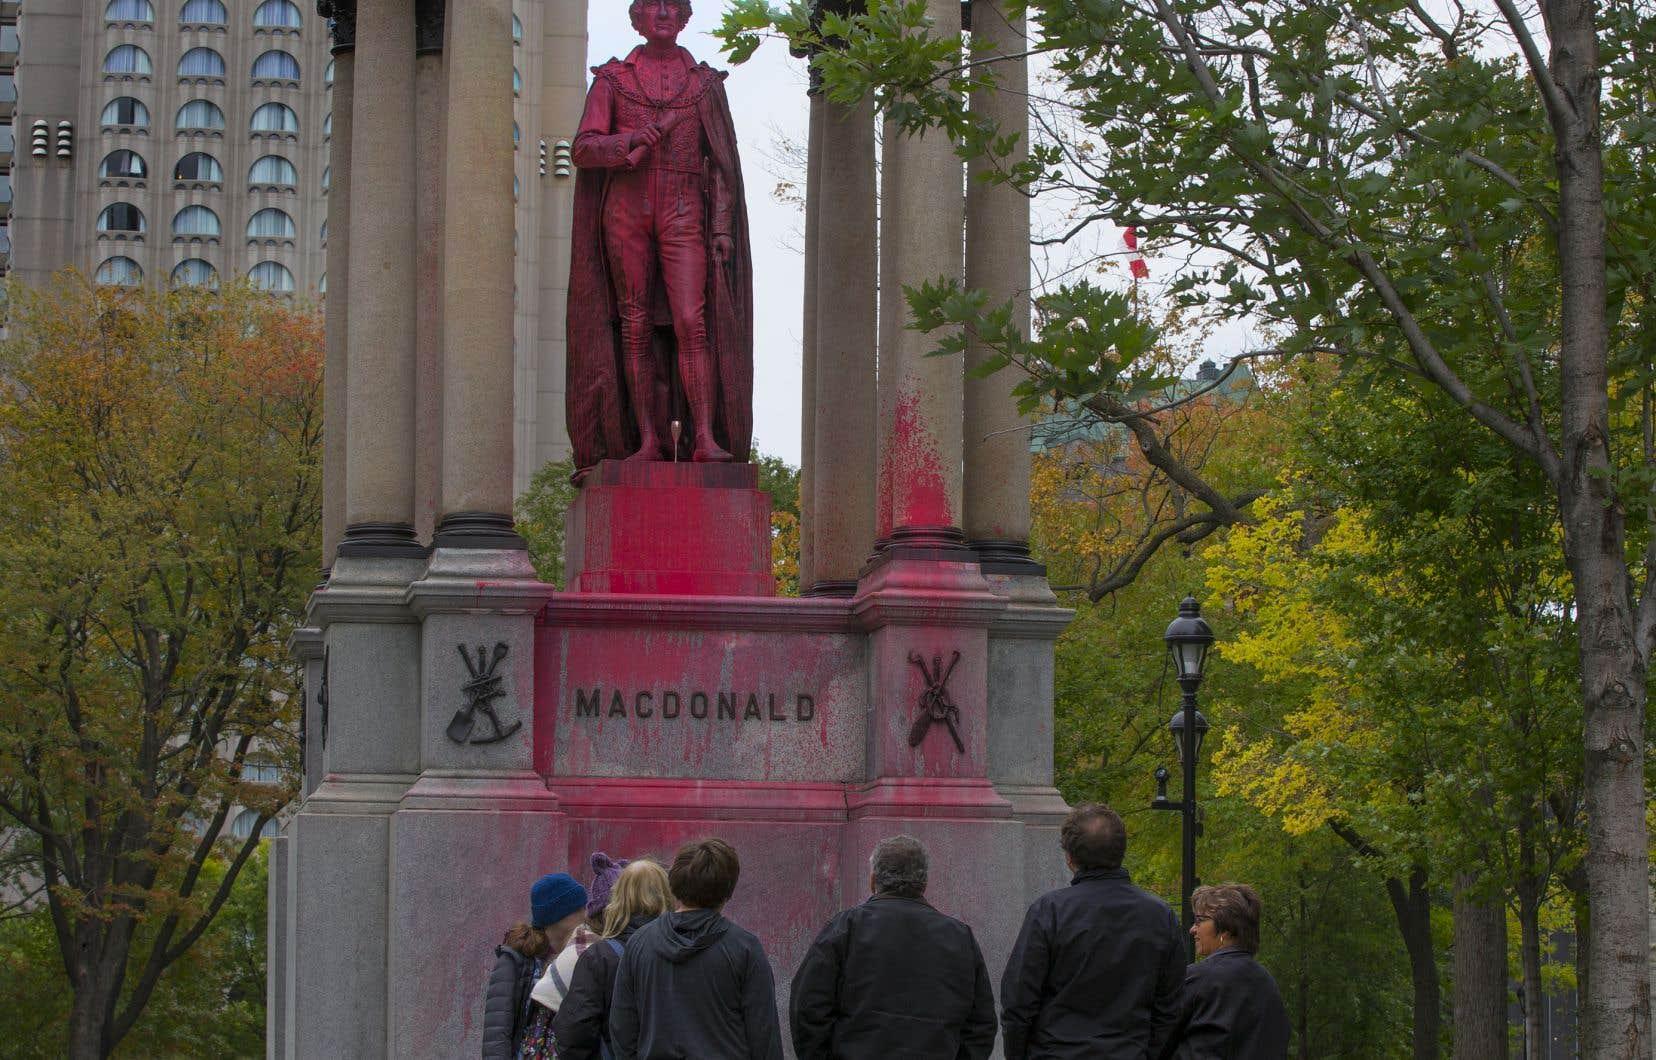 Le média de gauche No Borders rapporte qu'un groupe de militants «anticoloniaux, antiracistes, et anticapitalistes» ont couvert le monument de peinture rouge, samedi soir.